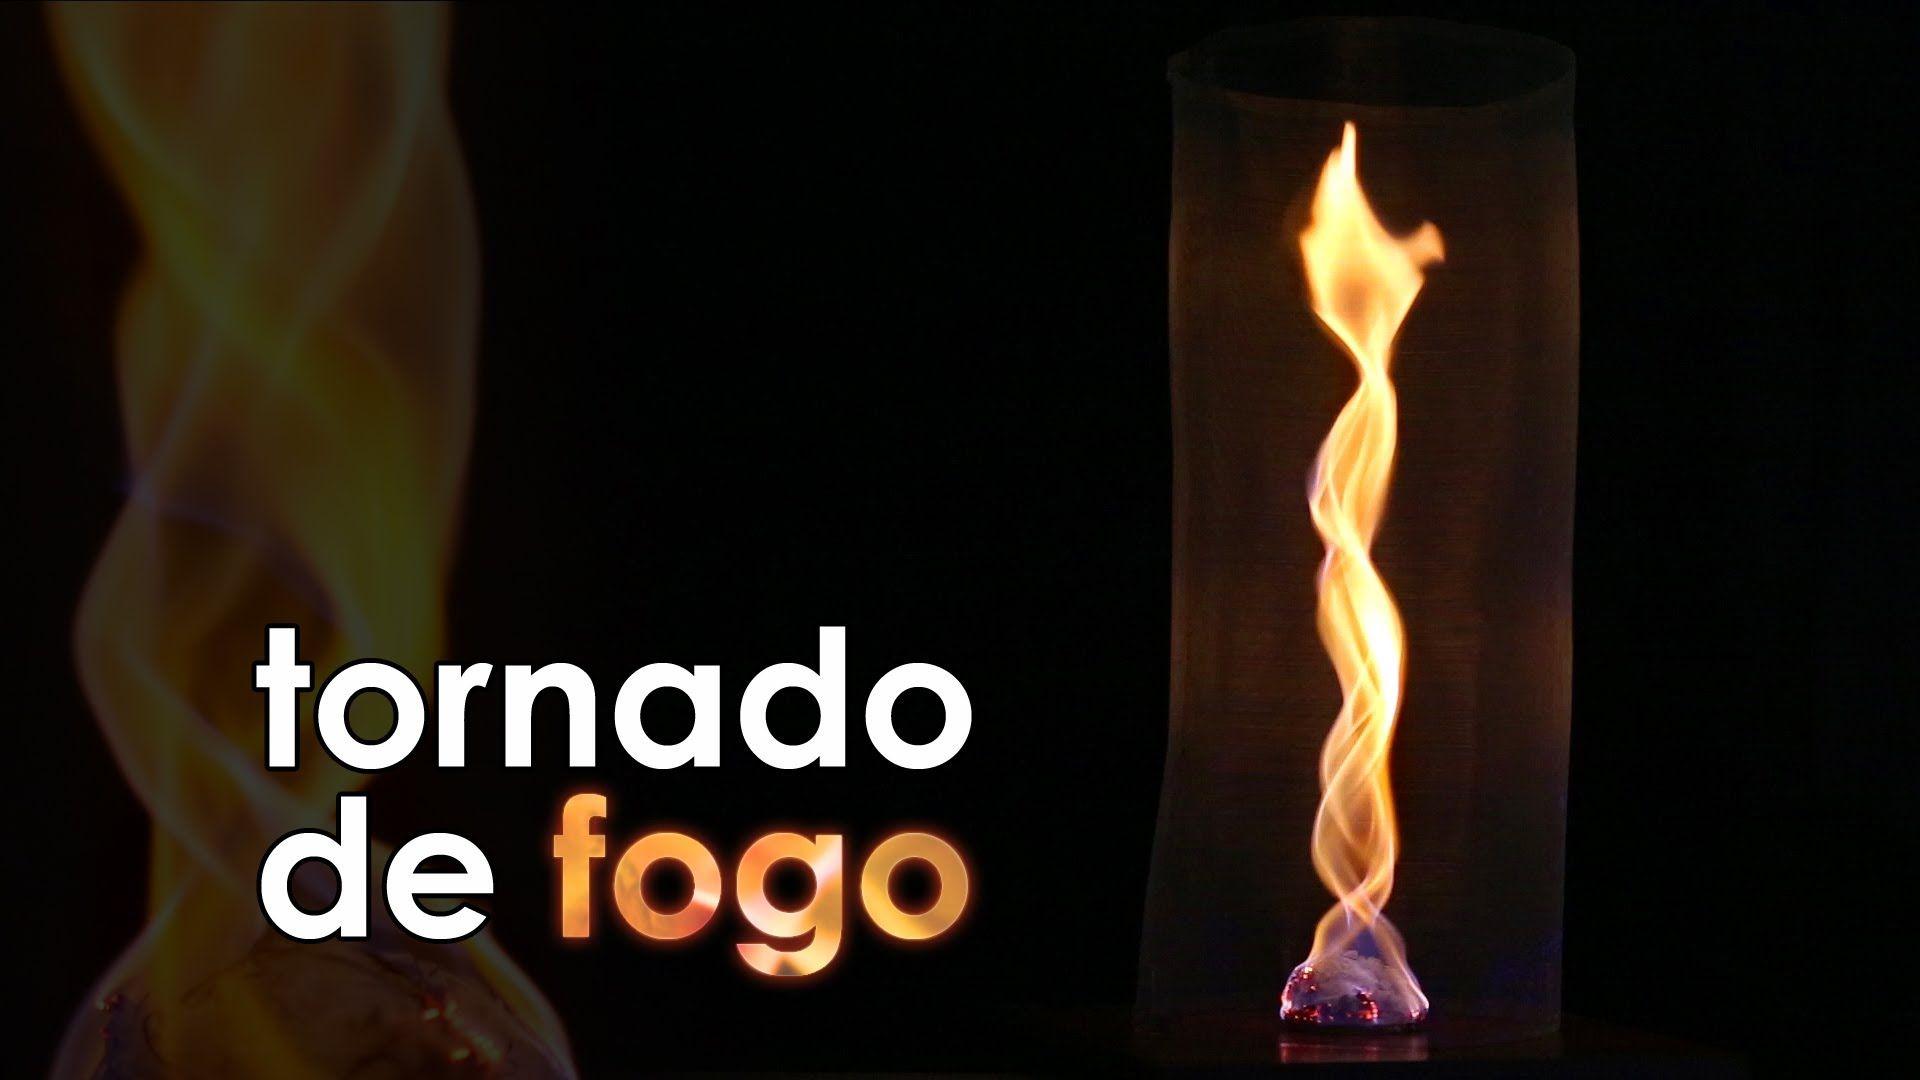 Tornado De Fogo Experiencia De Fisica Com Imagens Tornado De